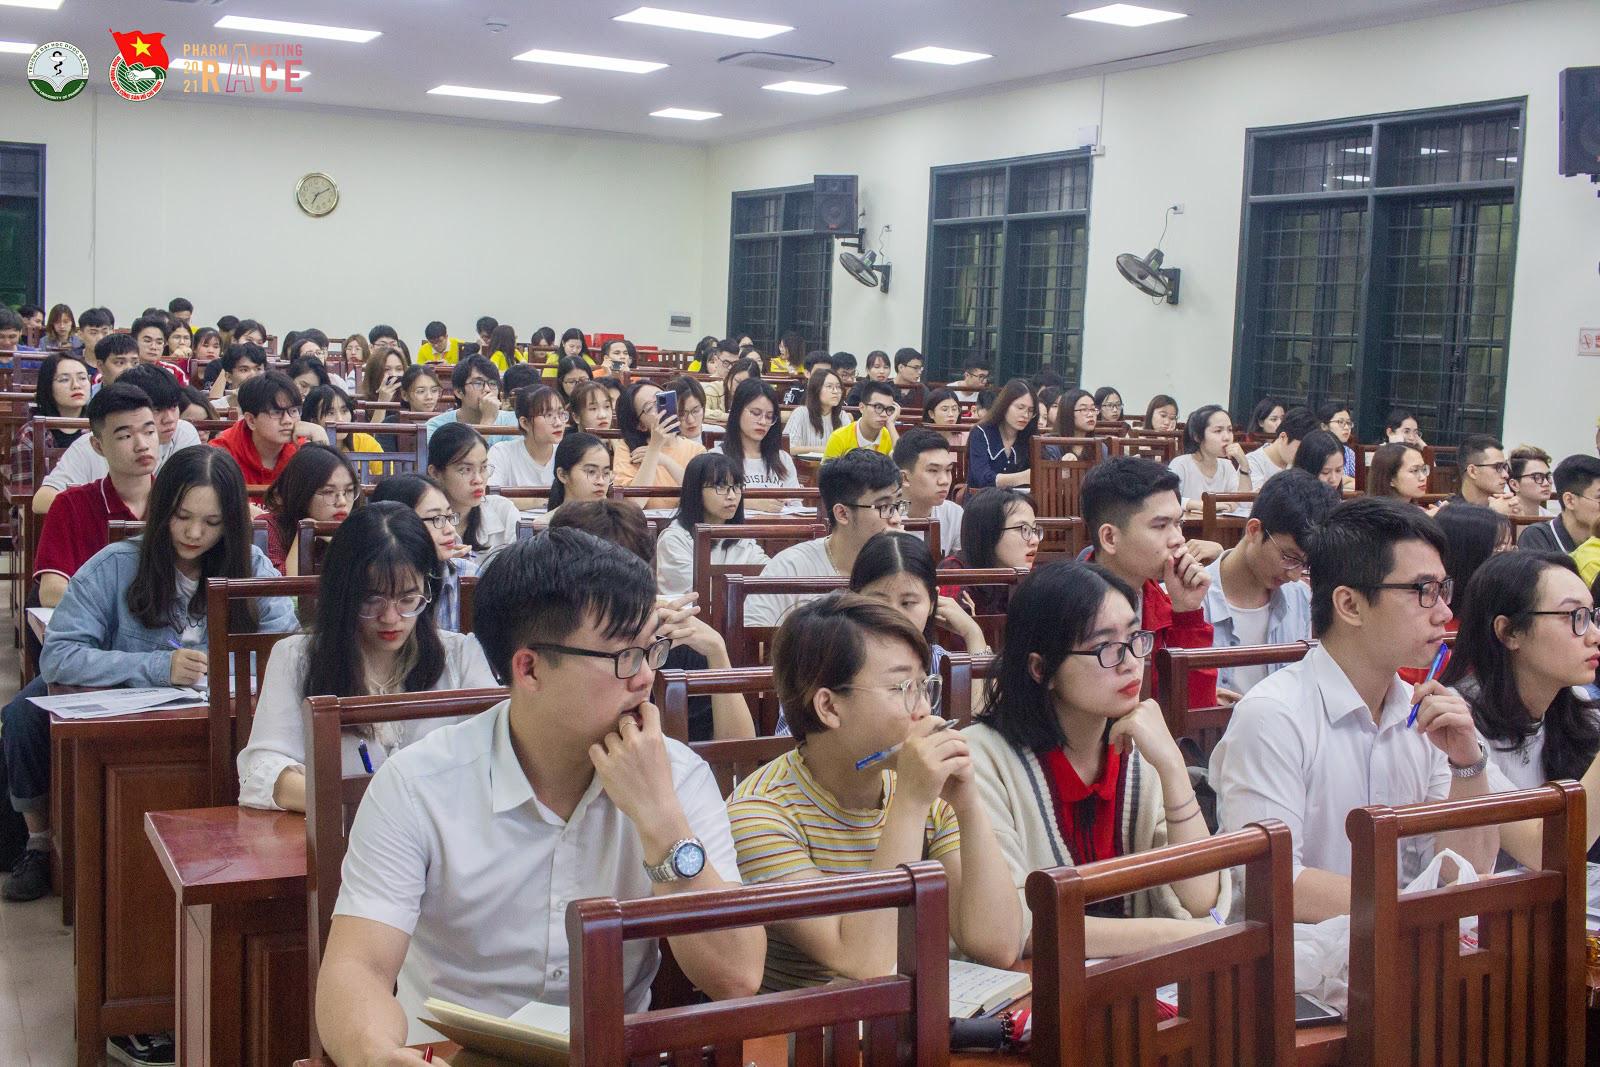 PharMarketing Race - cuộc thi về marketing dược thu hút sự quan tâm của hàng ngàn sinh viên y dược miền Bắc - Ảnh 3.